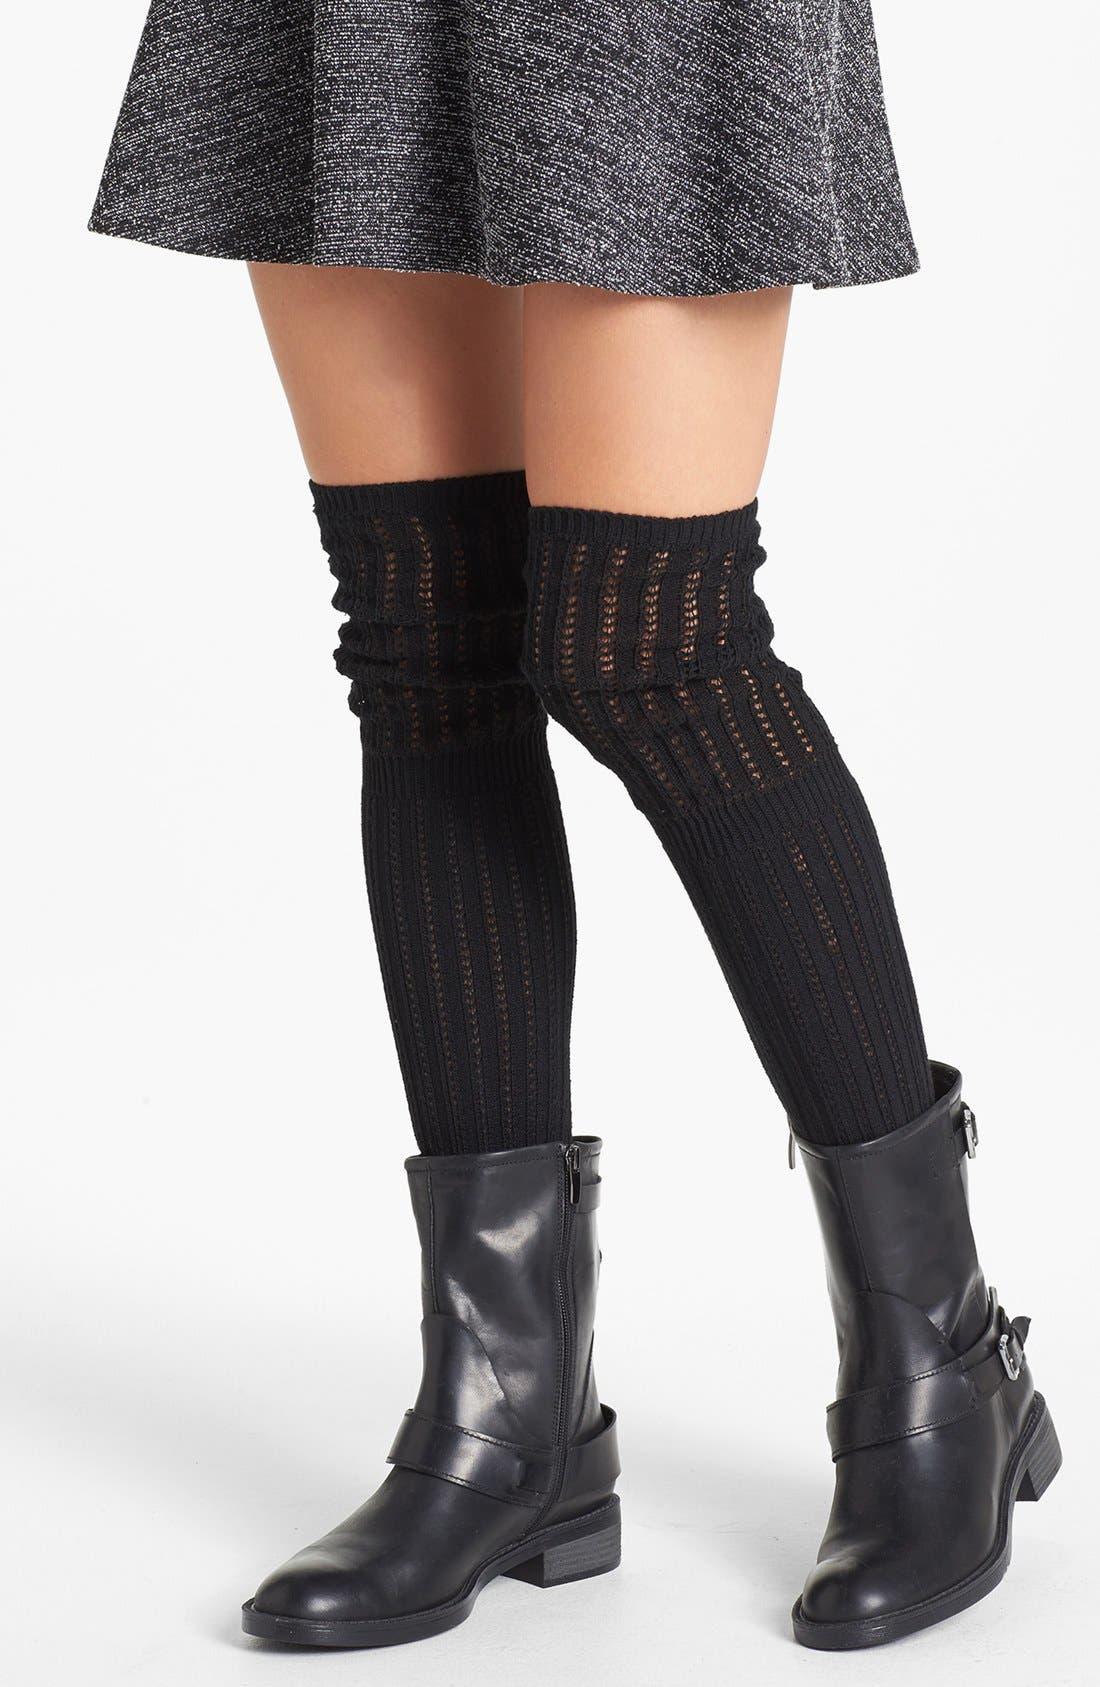 Main Image - Hue 'Crochet Slouch' Over the Knee Socks